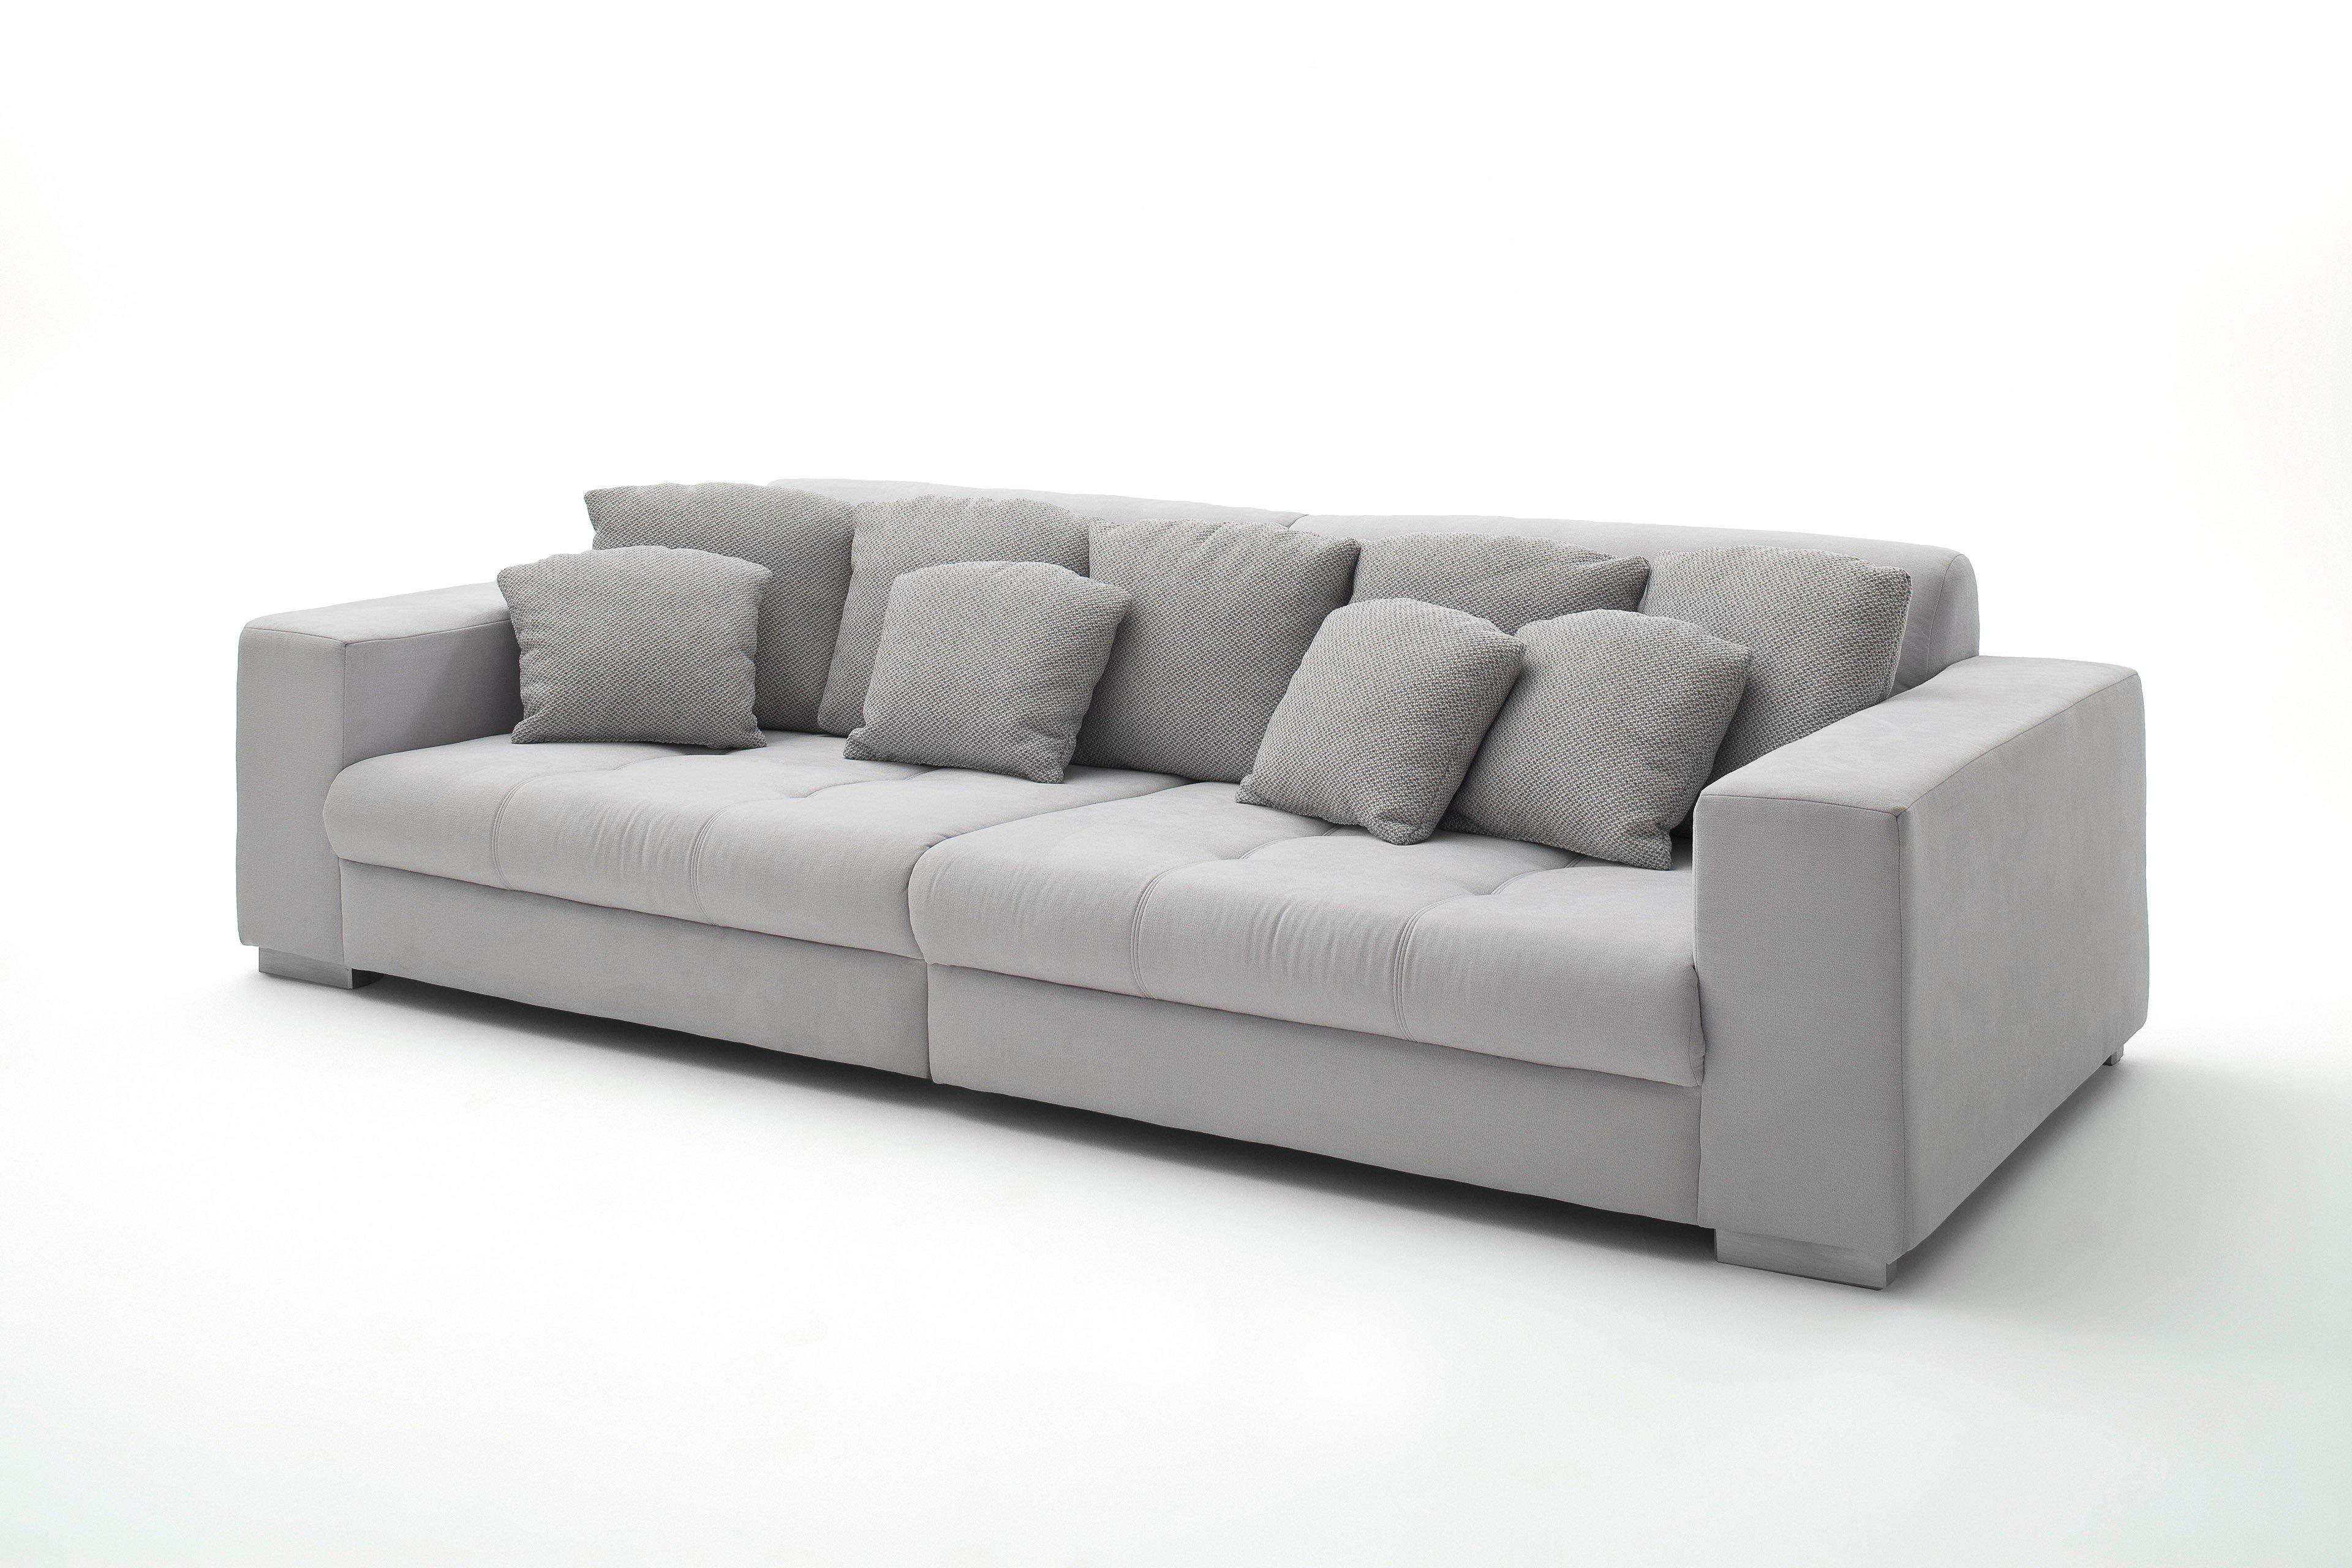 Reality Ontario Big-Sofa in Silber | Möbel Letz - Ihr Online-Shop